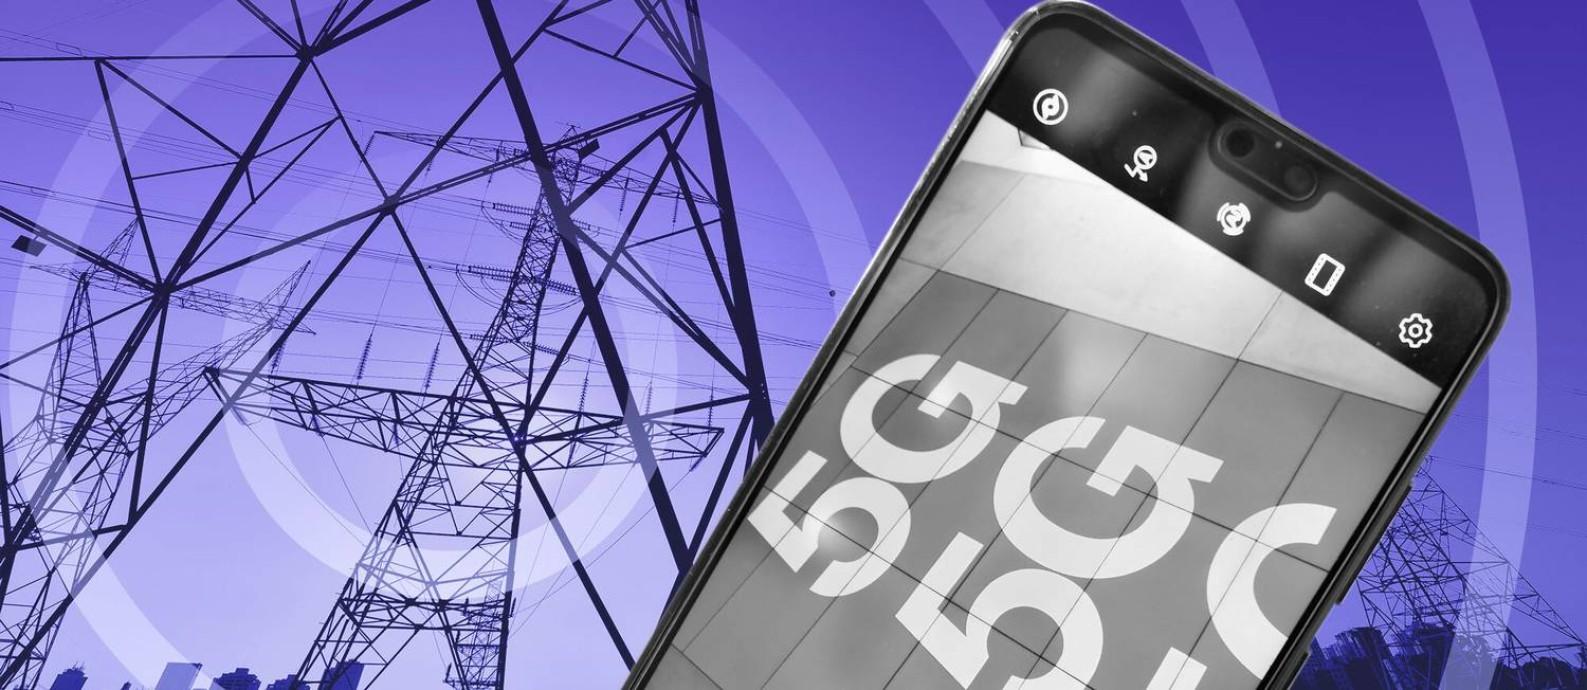 A nova geração da telefonia móvel promete mais velocidade de conexão e revolução da internet das coisas Foto: Editoria de Arte